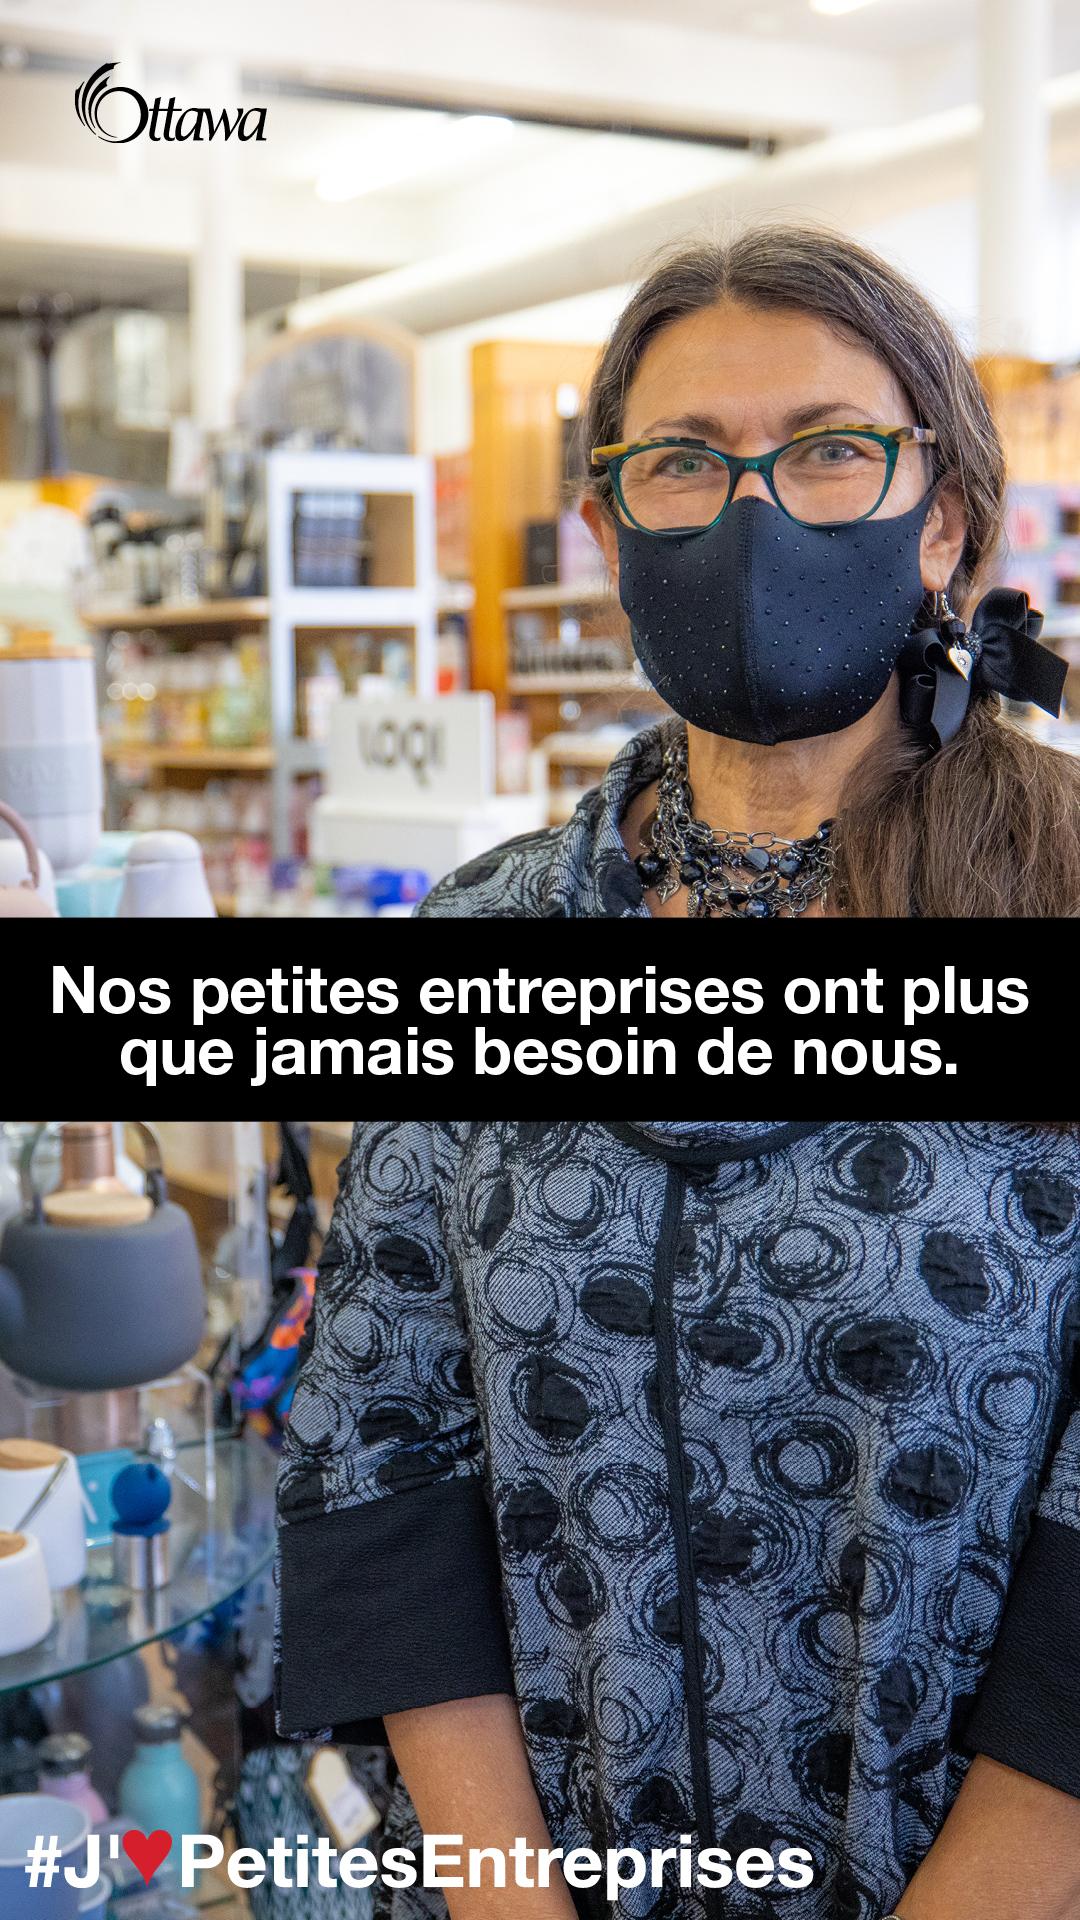 •Une femme qui porte un masque se trouve dans un petit magasin de détail. Nos petites entreprises ont plus que jamais besoin de nous.